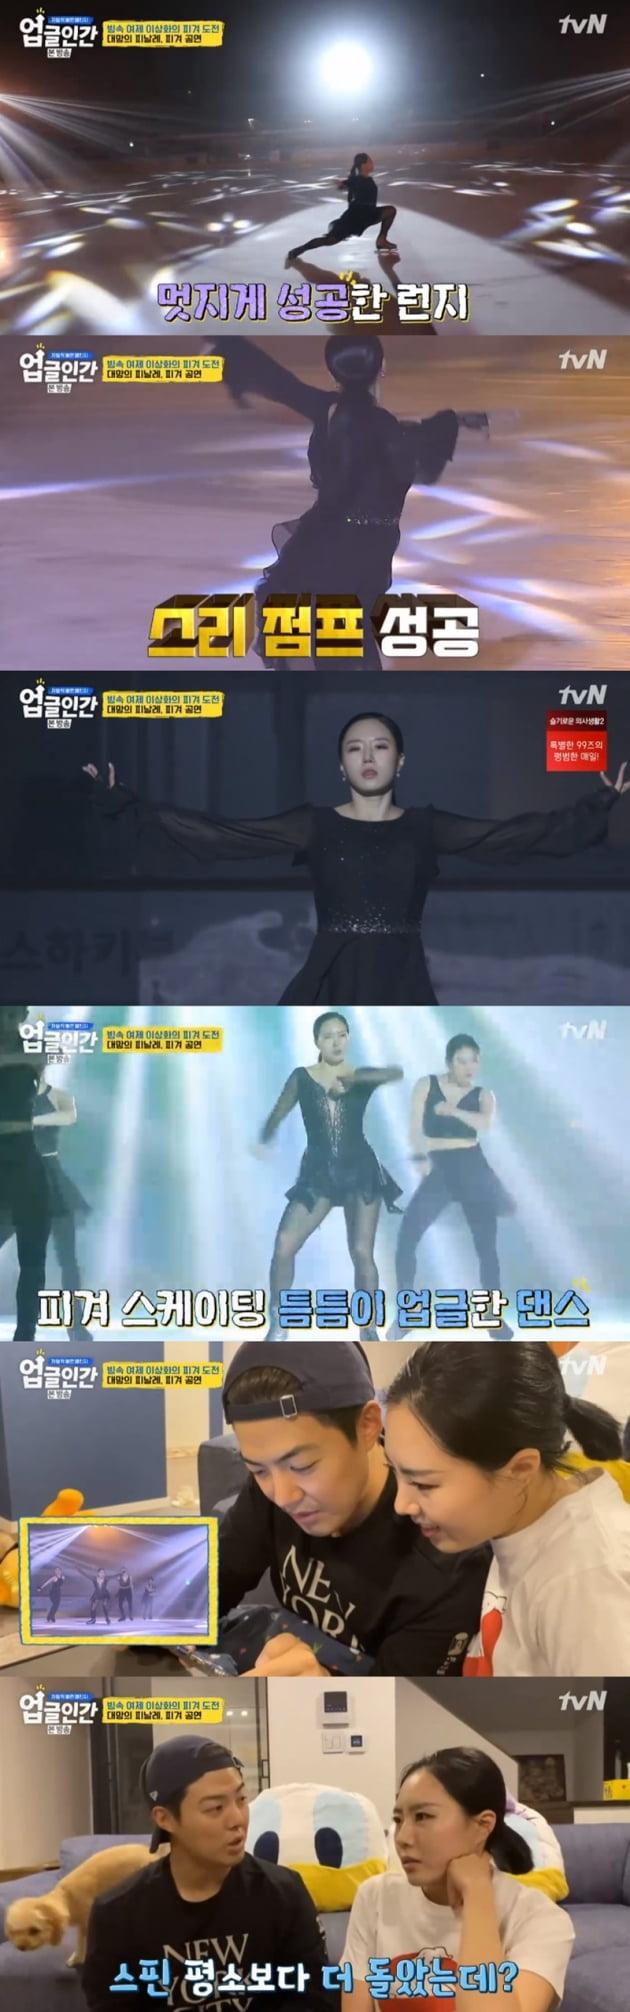 '업글인간' / 사진 = tvN 영상 캡처